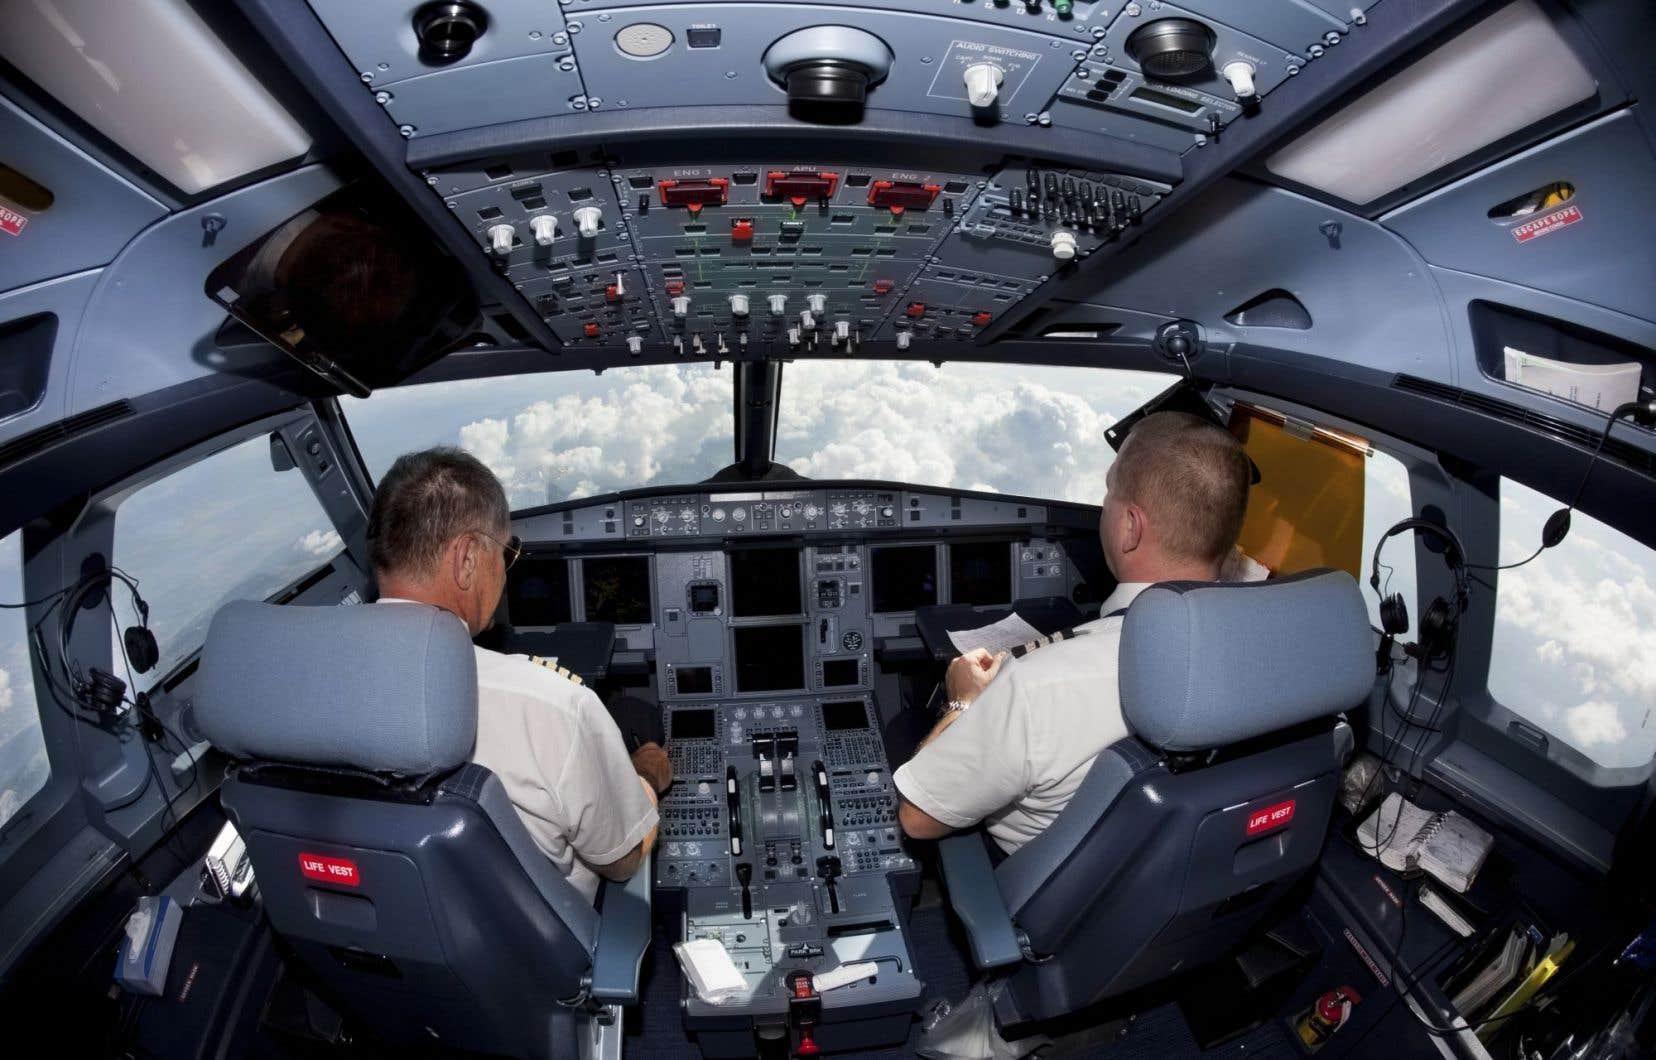 Dans l'ensemble, CAE calcule que 70 nouveaux pilotes devront être formés chaque jour pour répondre à la demande.